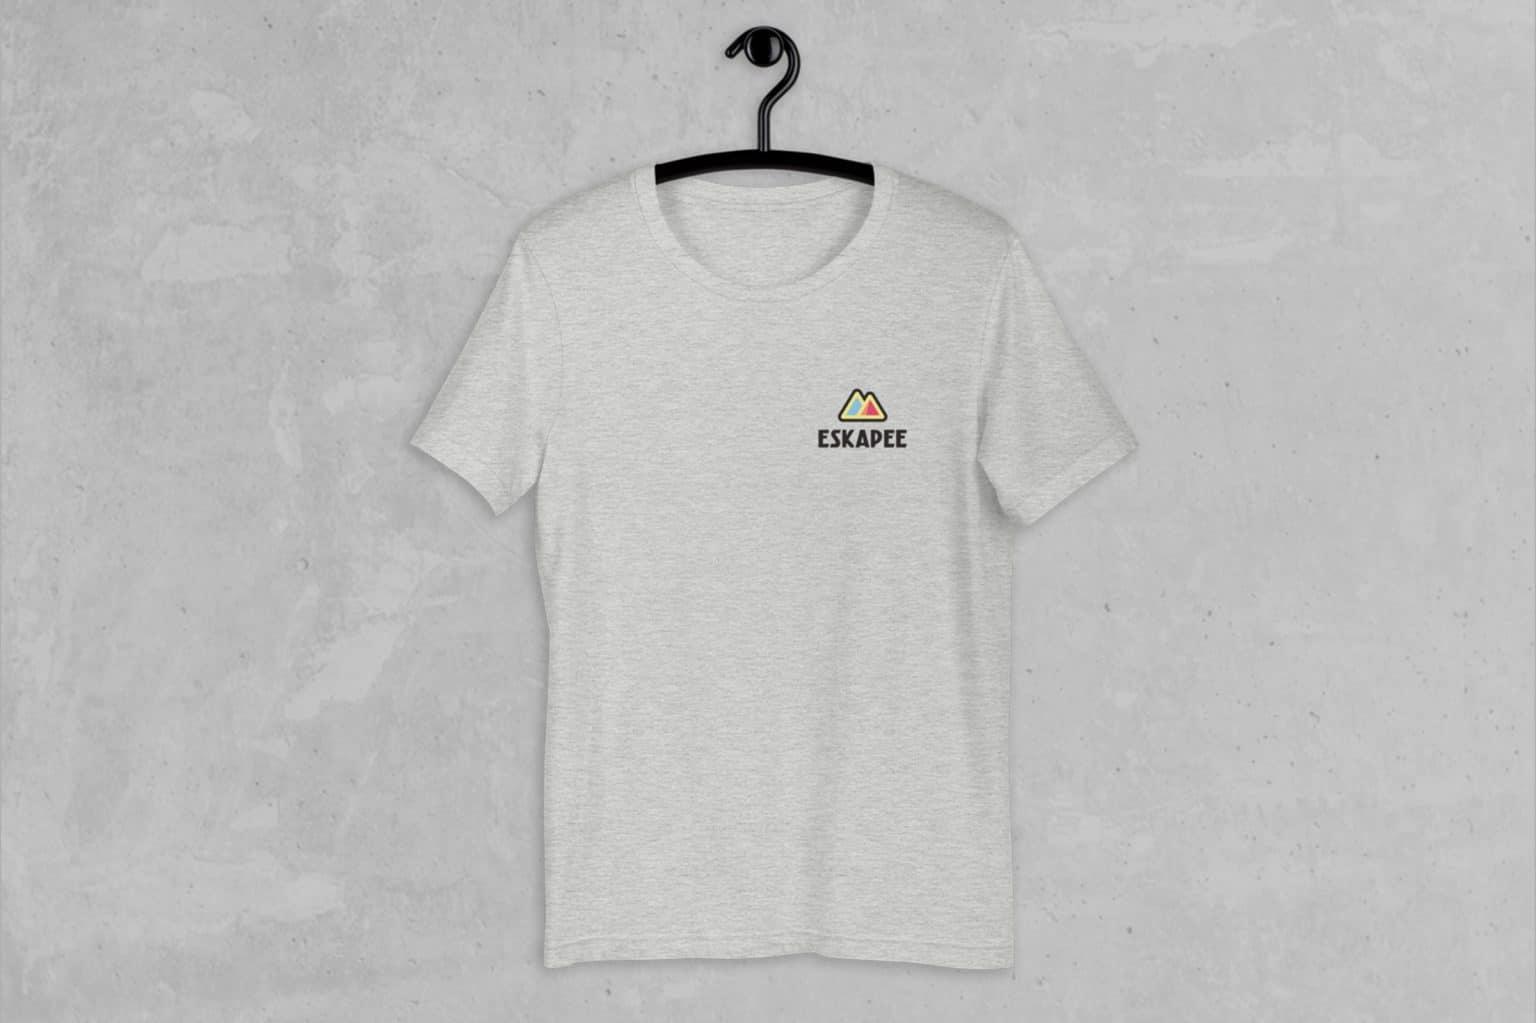 Eskapee T-shirt